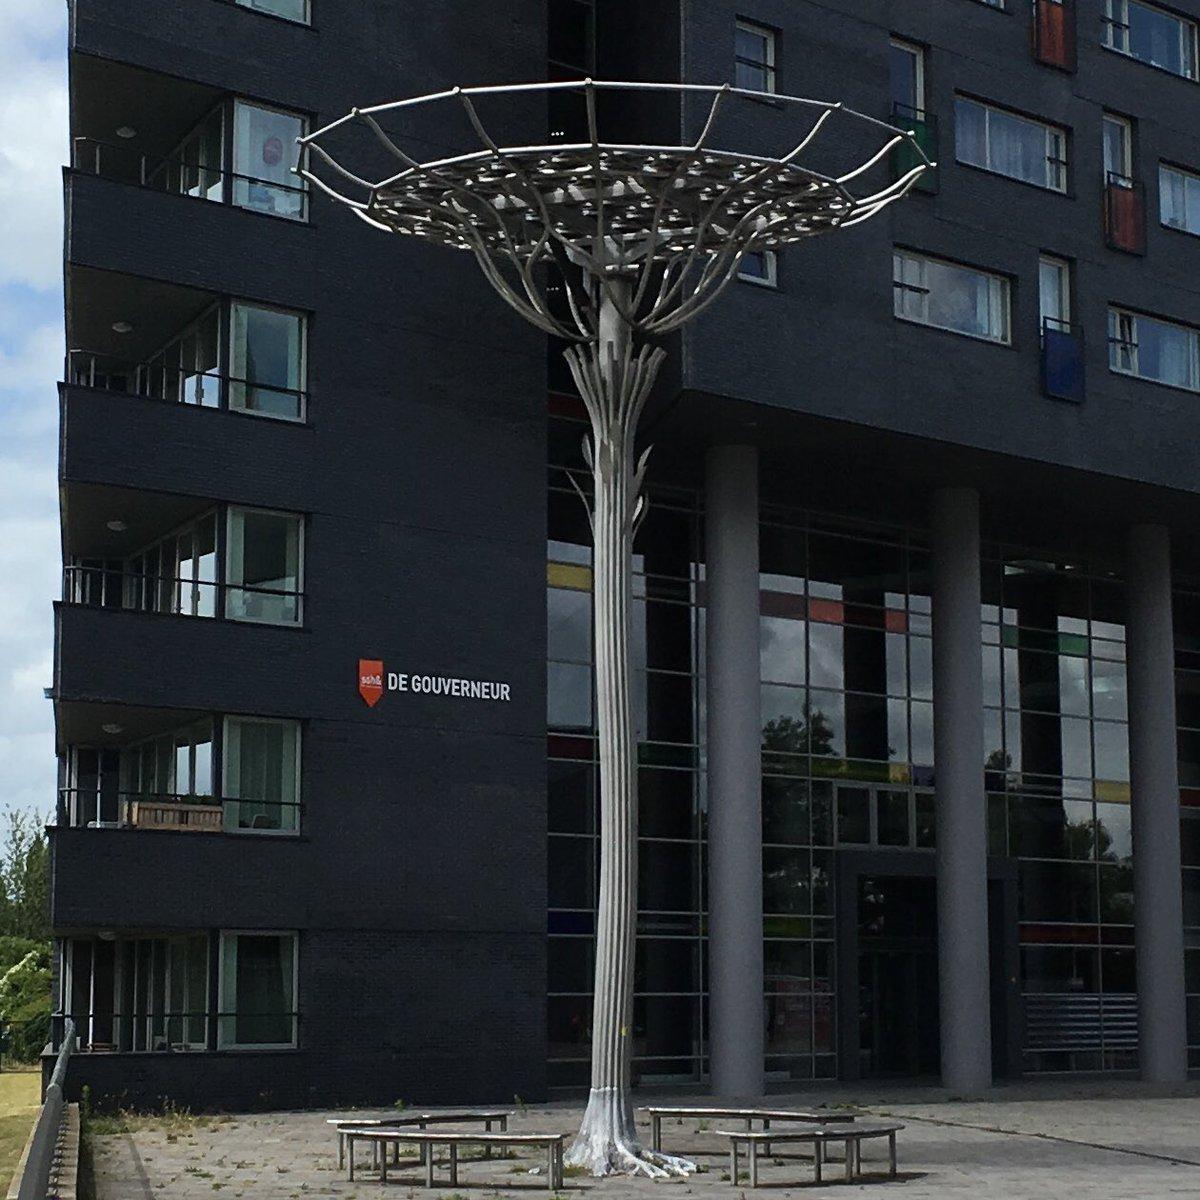 test Twitter Media - De zonneboom van Andreas Hetfeld in #Nijmegen. Mooi voorbeeld van hoe kunst en nieuwe techniek samen kunnen gaan. #Dorsoduro #beeldhouwkunst #industriëlevormgeving #kunstisoveral https://t.co/BKTDuMfwCn